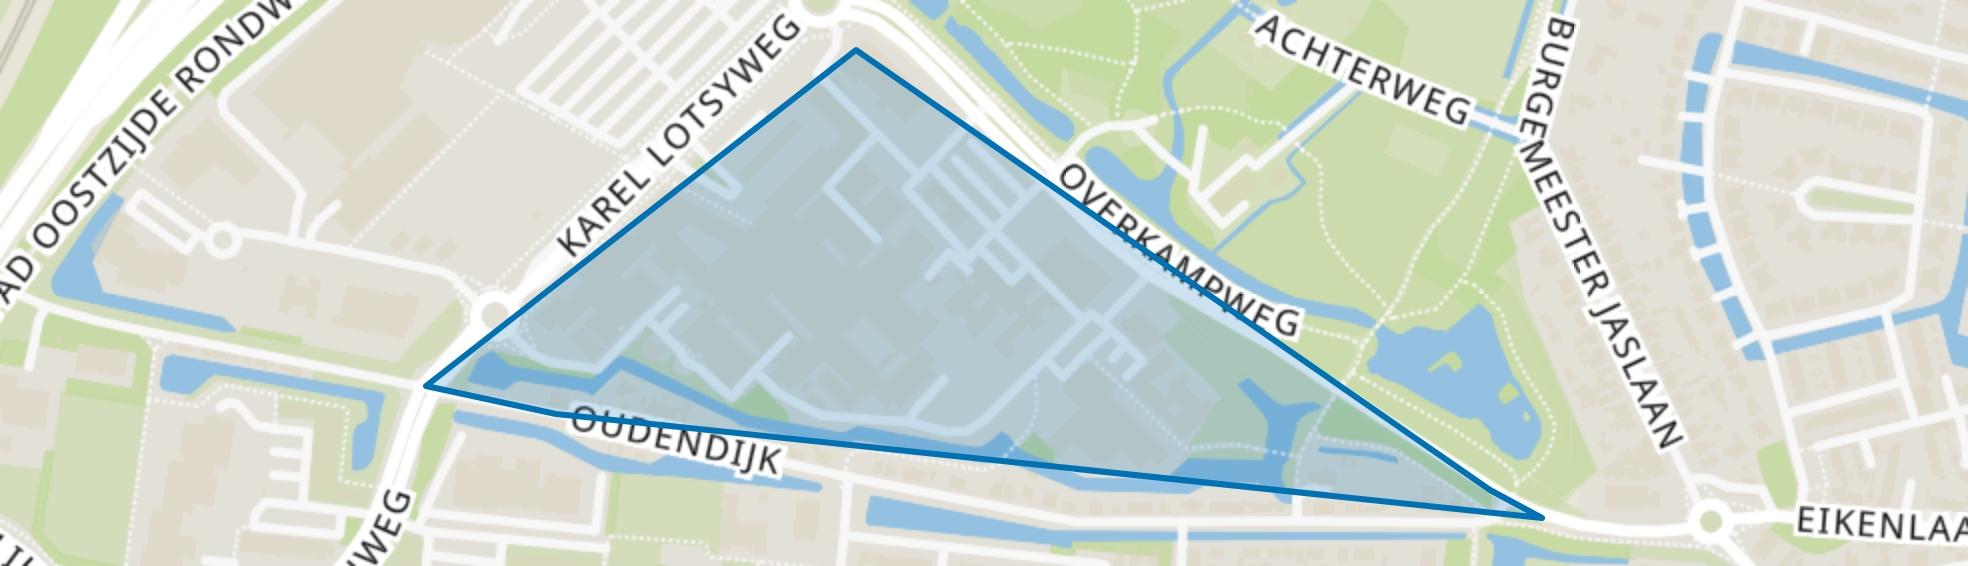 Albert Schweitzerplaats, Dordrecht map